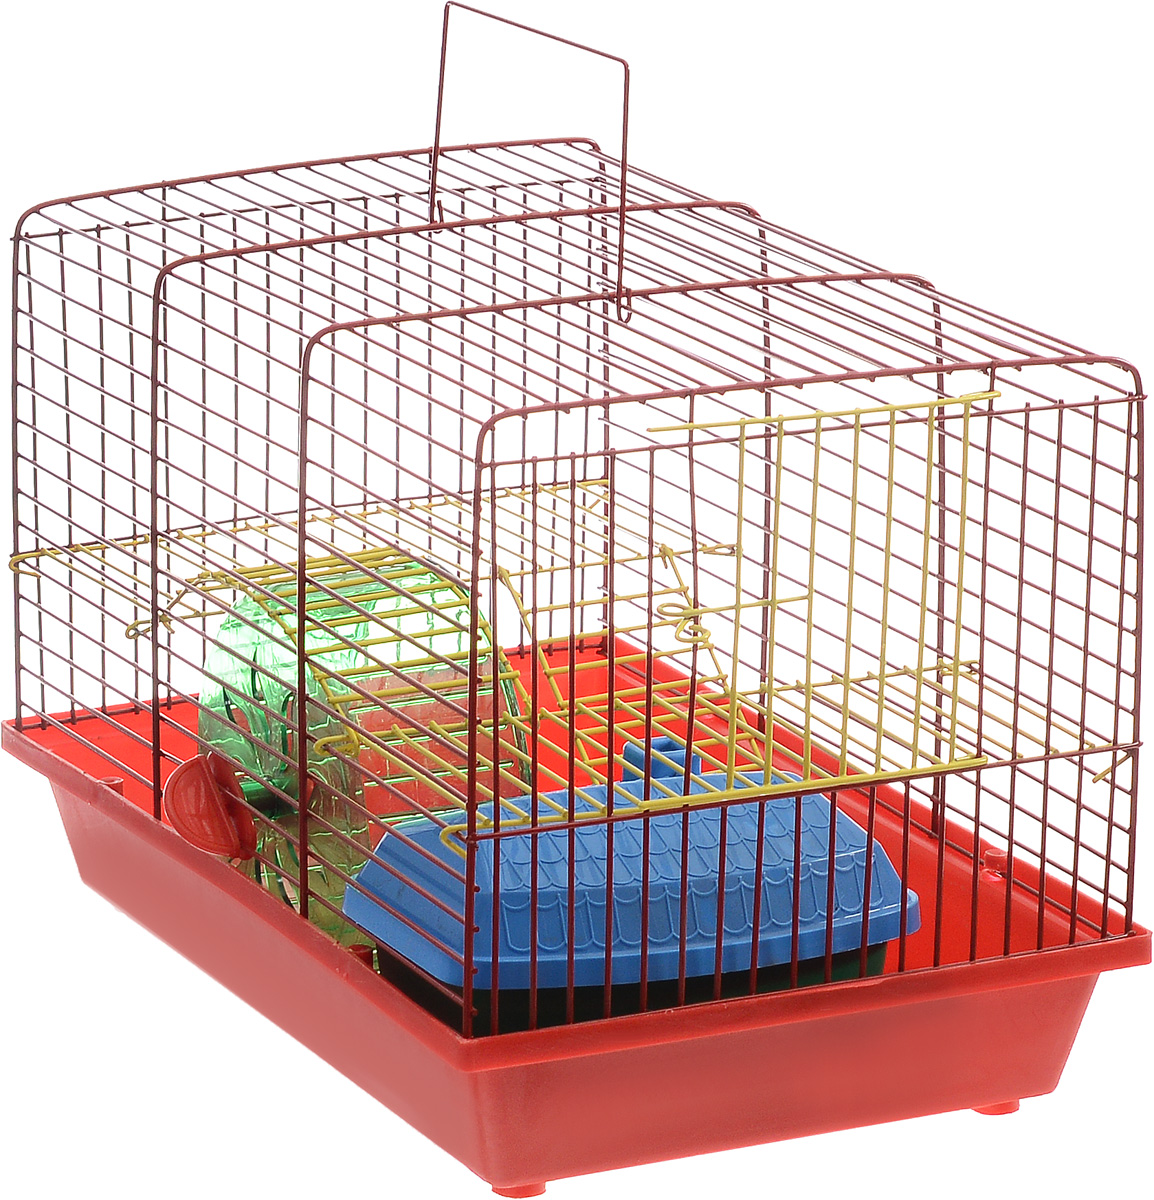 Клетка для грызунов Зоомарк Венеция, 2-этажная, цвет: красный поддон, красная решетка, желтый этаж, 36 х 23 х 24 см0120710Клетка Венеция, выполненная из полипропилена и металла, подходит для мелких грызунов. Изделие двухэтажное, оборудовано колесом для подвижных игр и пластиковым домиком. Клетка имеет яркий поддон, удобна в использовании и легко чистится. Сверху имеется ручка для переноски. Такая клетка станет уединенным личным пространством и уютным домиком для маленького грызуна.